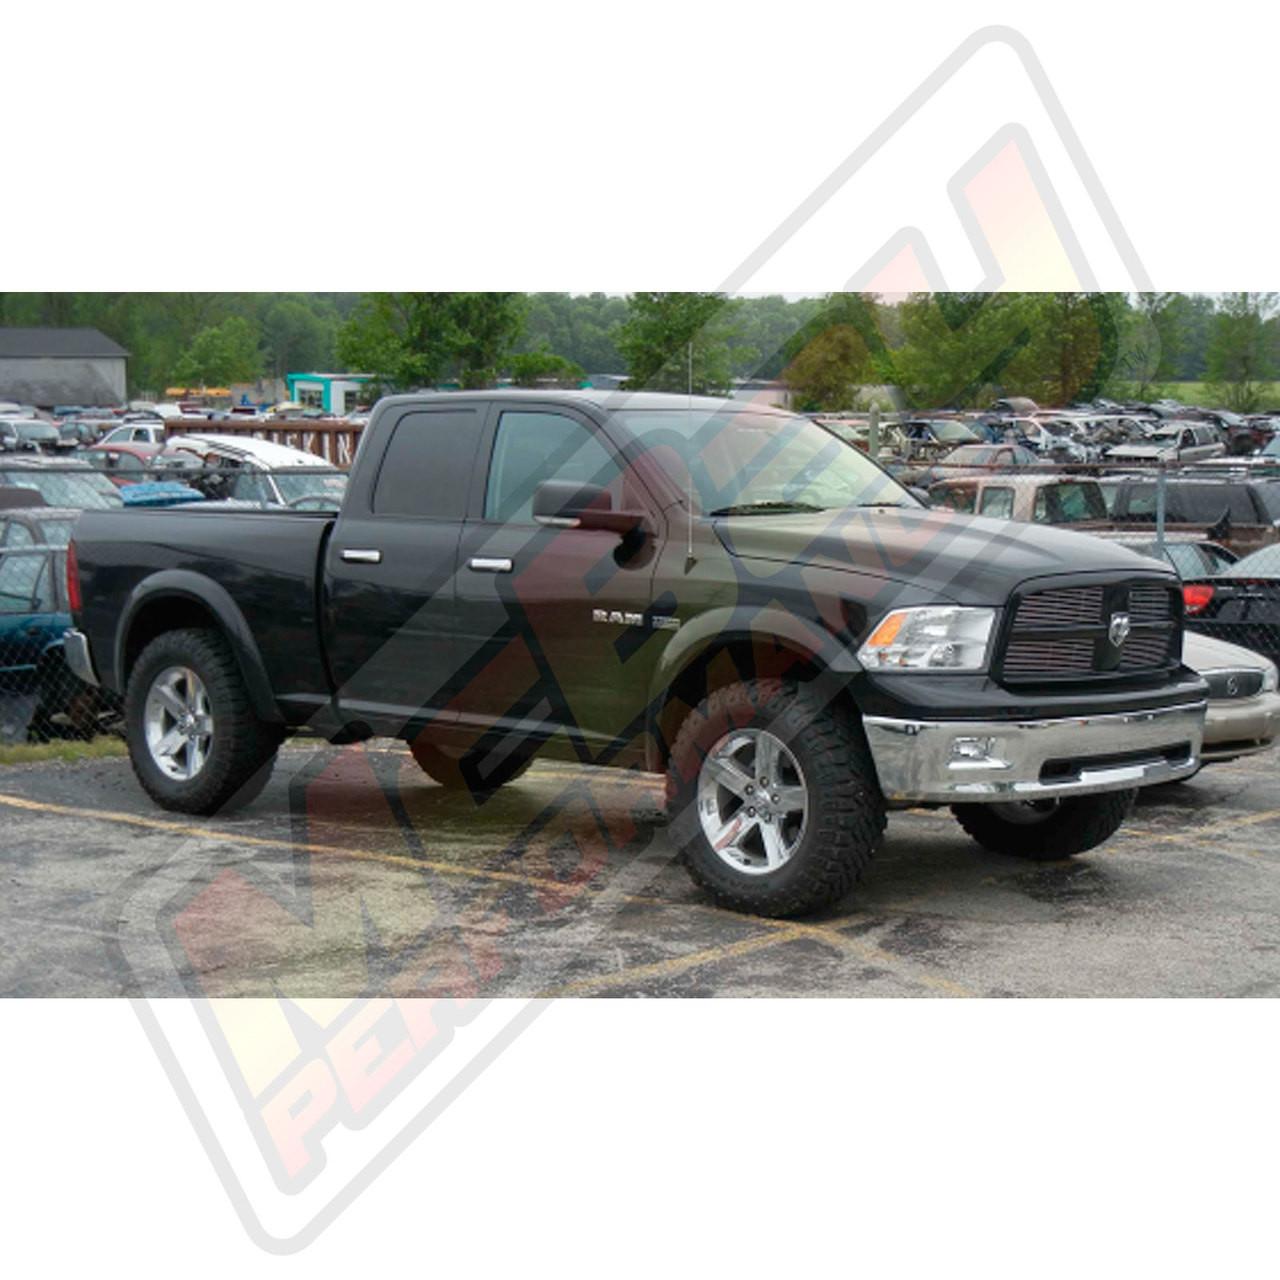 2017 Ram 1500 Leveling Kit >> 2009 2018 Dodge Ram 1500 4x4 2 75 Adjustable Front Lift Leveling Kit